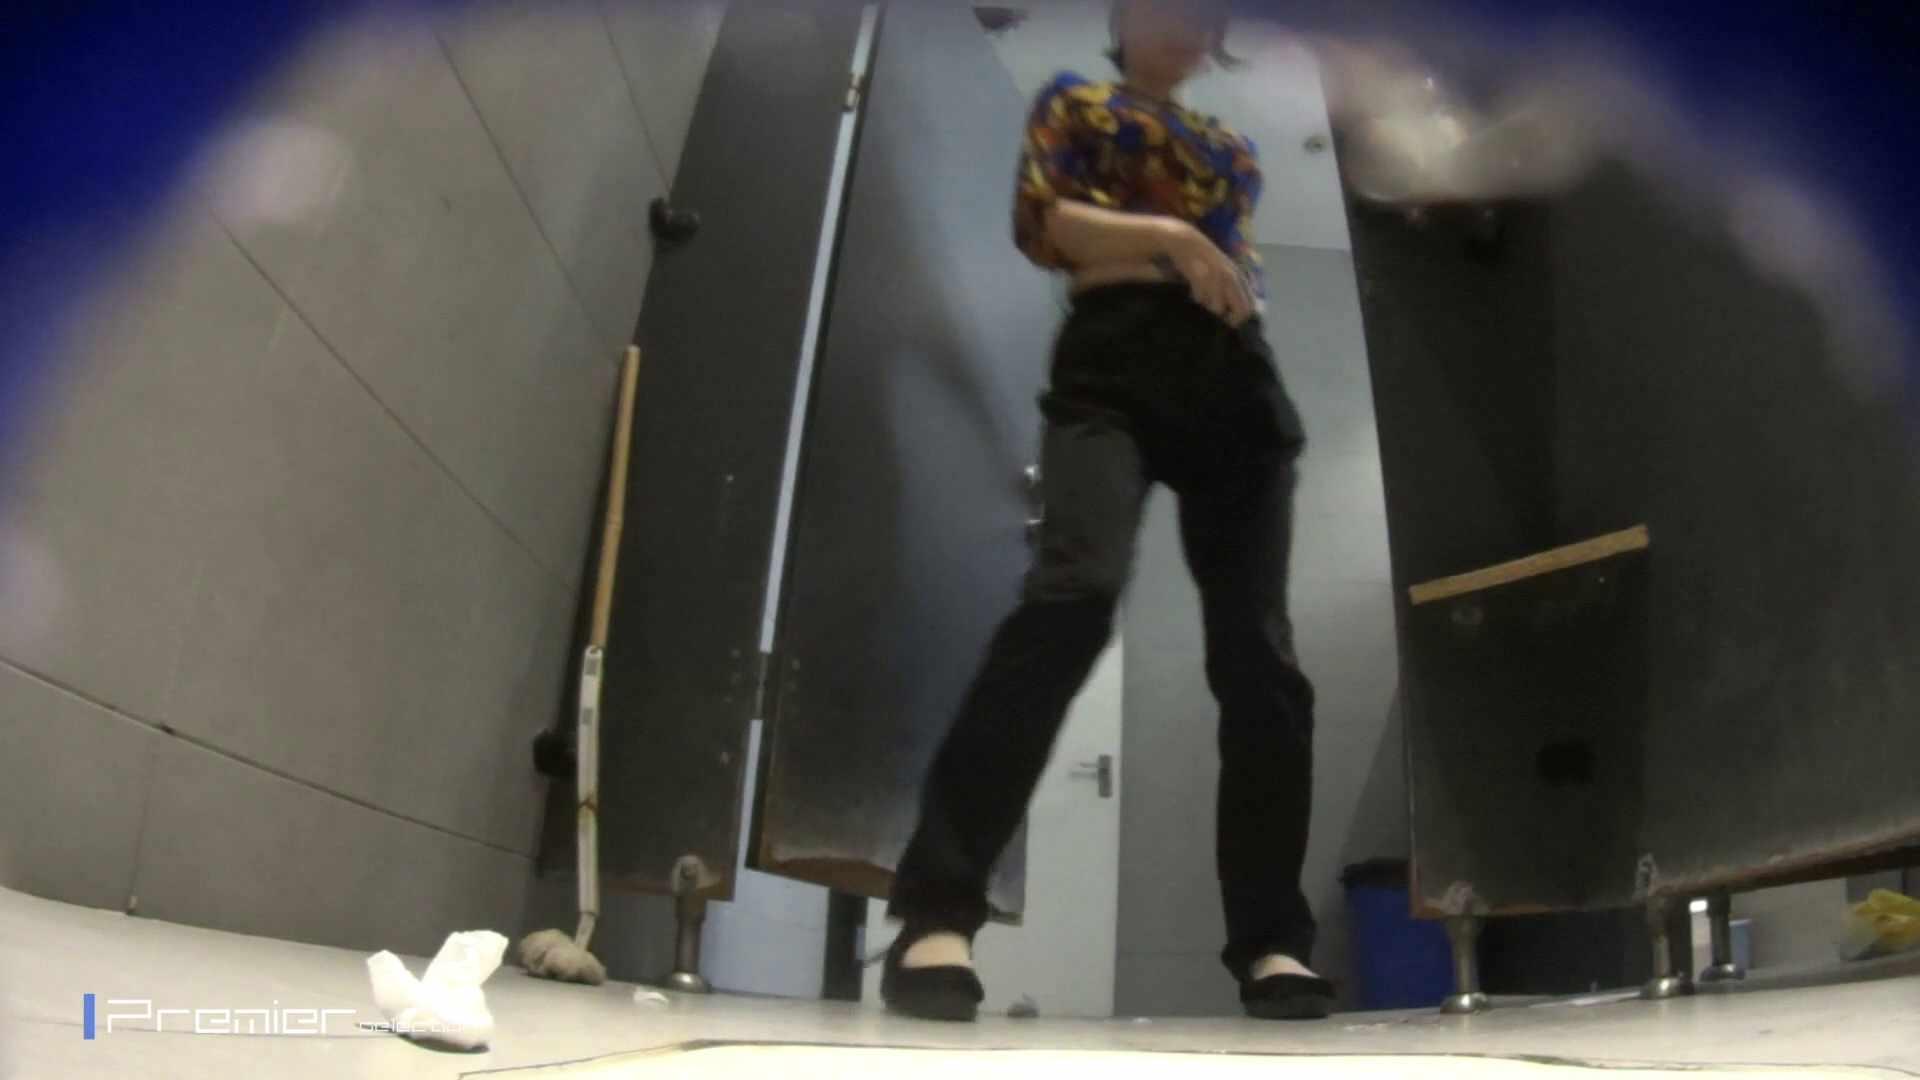 黒スパッツ美女 大学休憩時間の洗面所事情70 美女  68pic 62